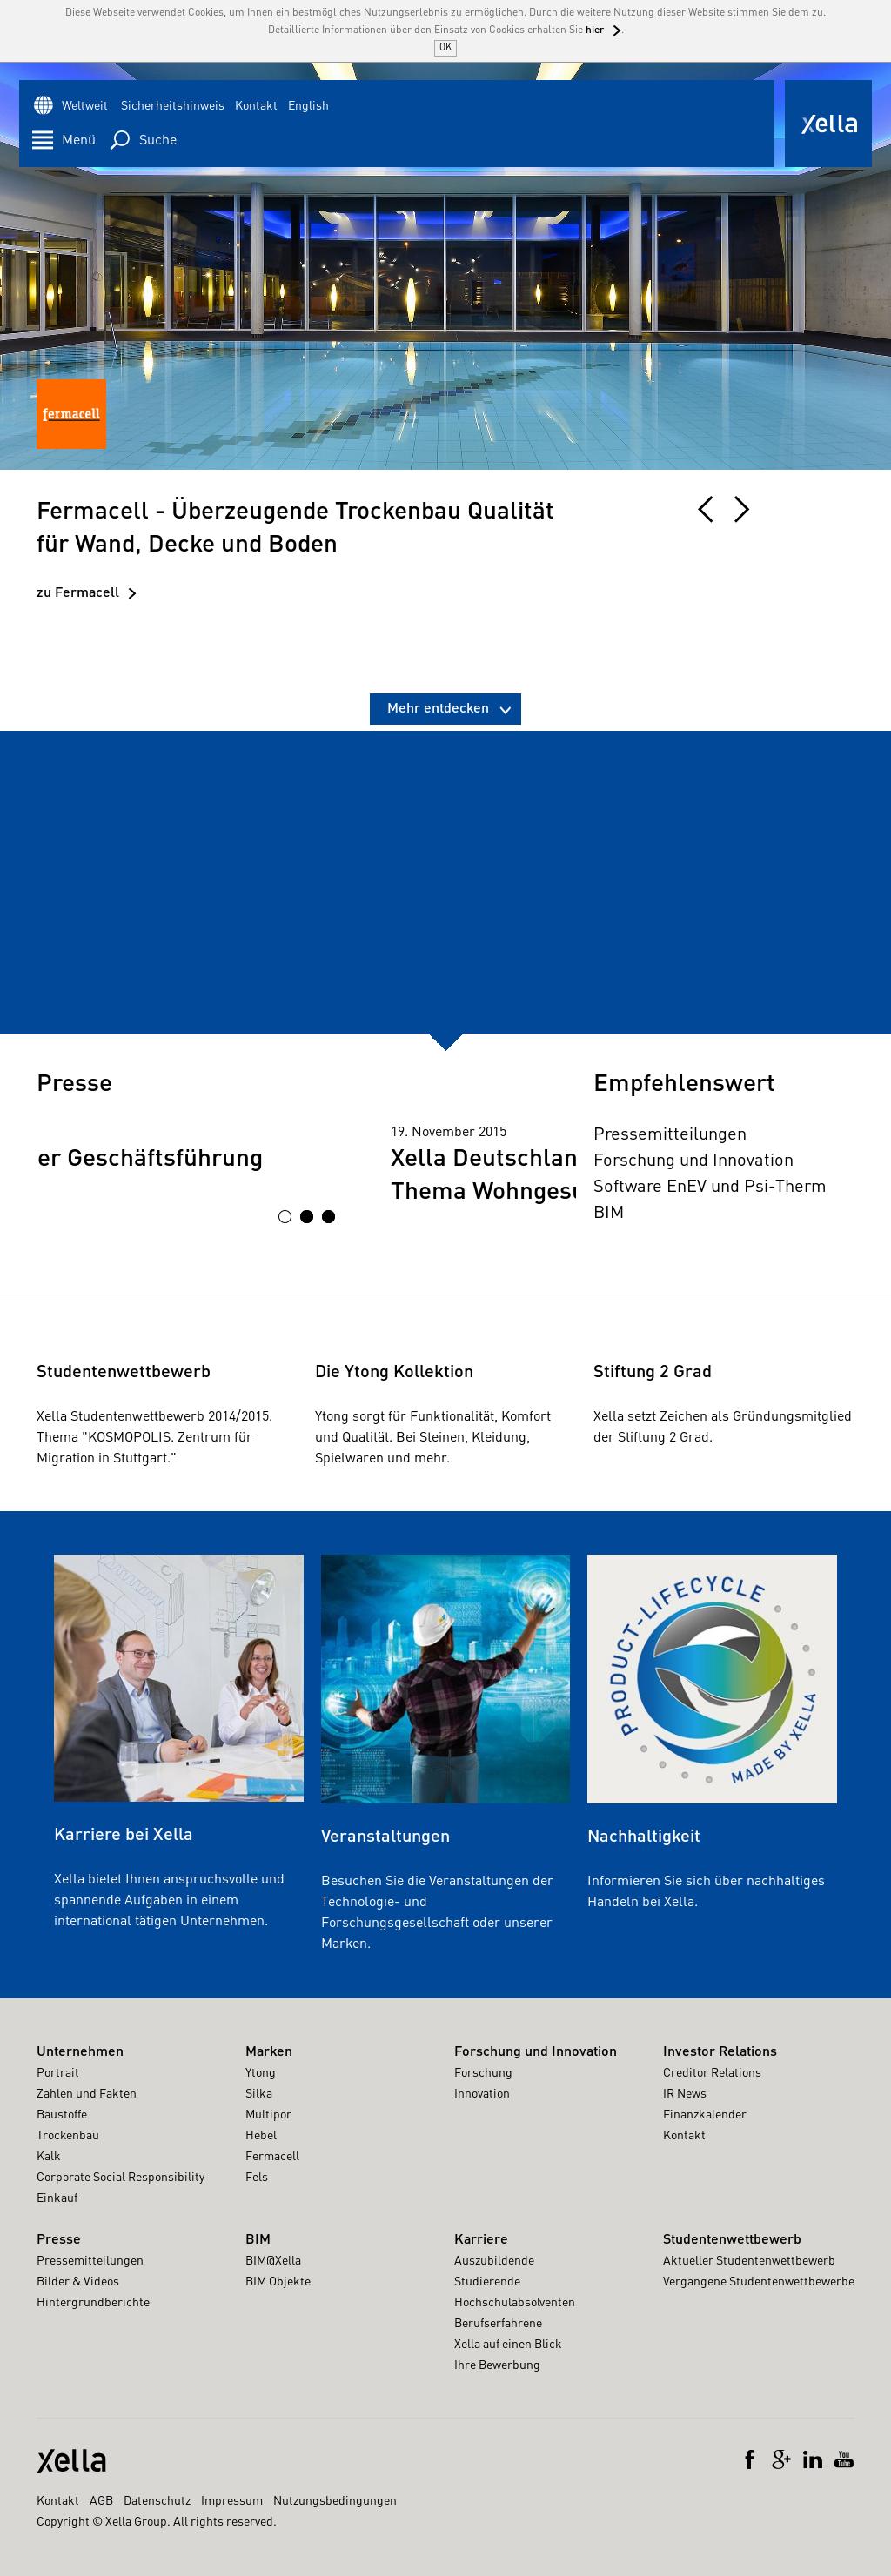 Xella Competitors, Revenue and Employees - Owler Company Profile